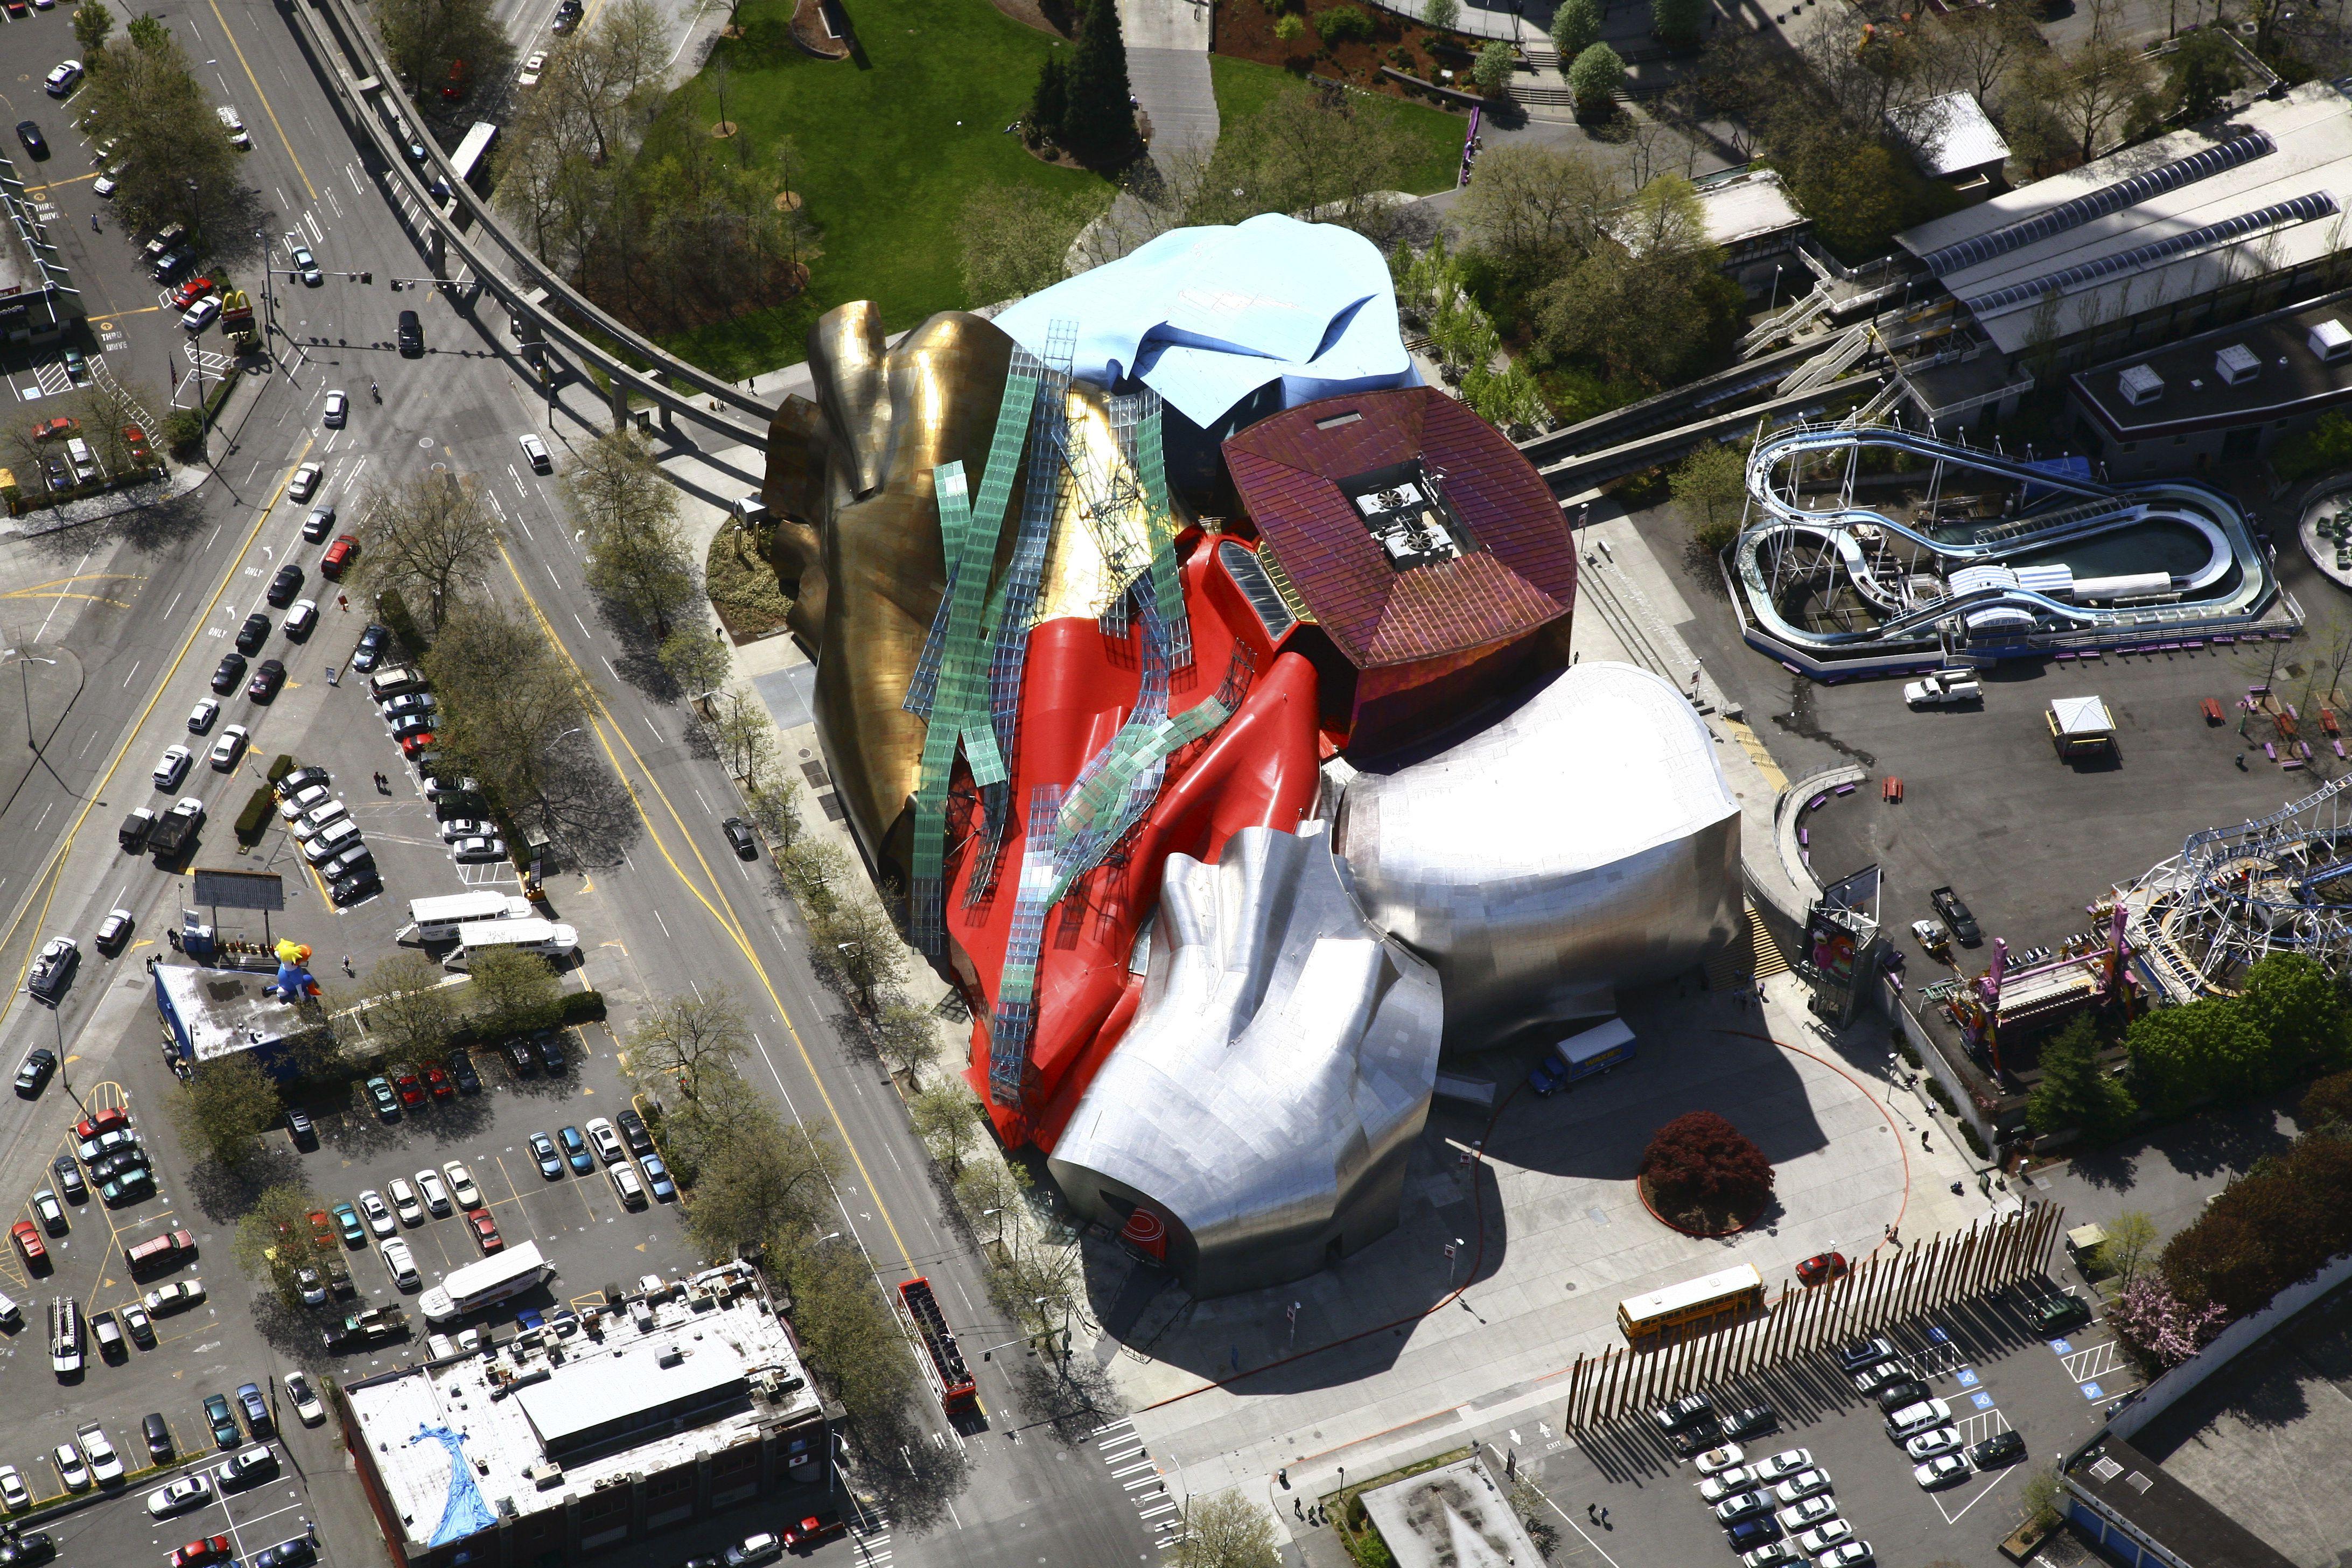 Vista aérea del Experience Music Project, EMP, museo de música de los terrenos del Seattle Center, Seattle, WA